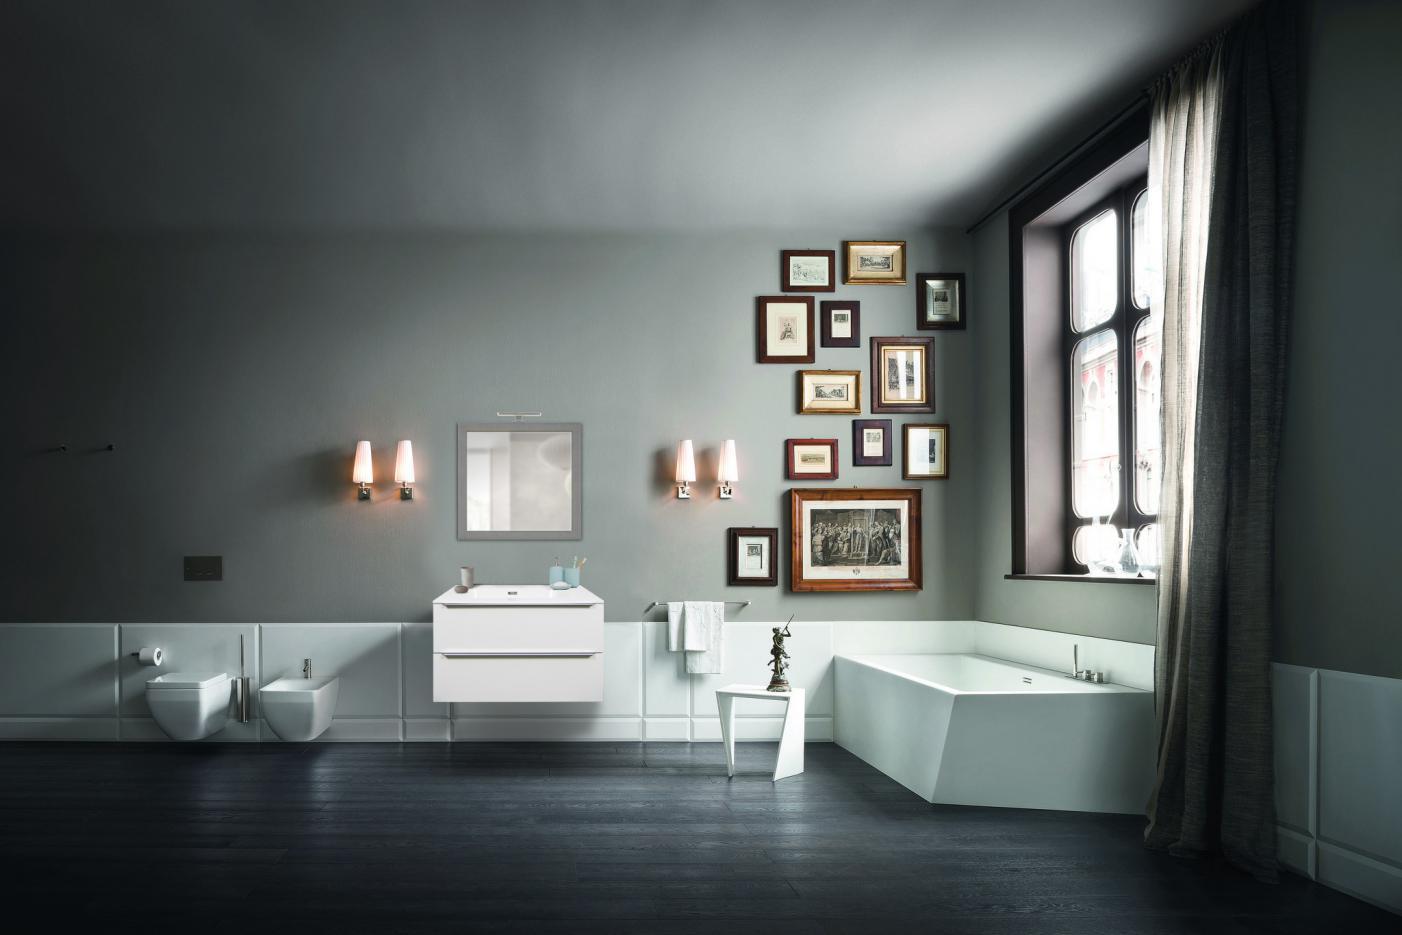 Immagini Bagno Moderno.Mobile Bagno 2 Cassetti Bianco Opaco Da 90 Cm